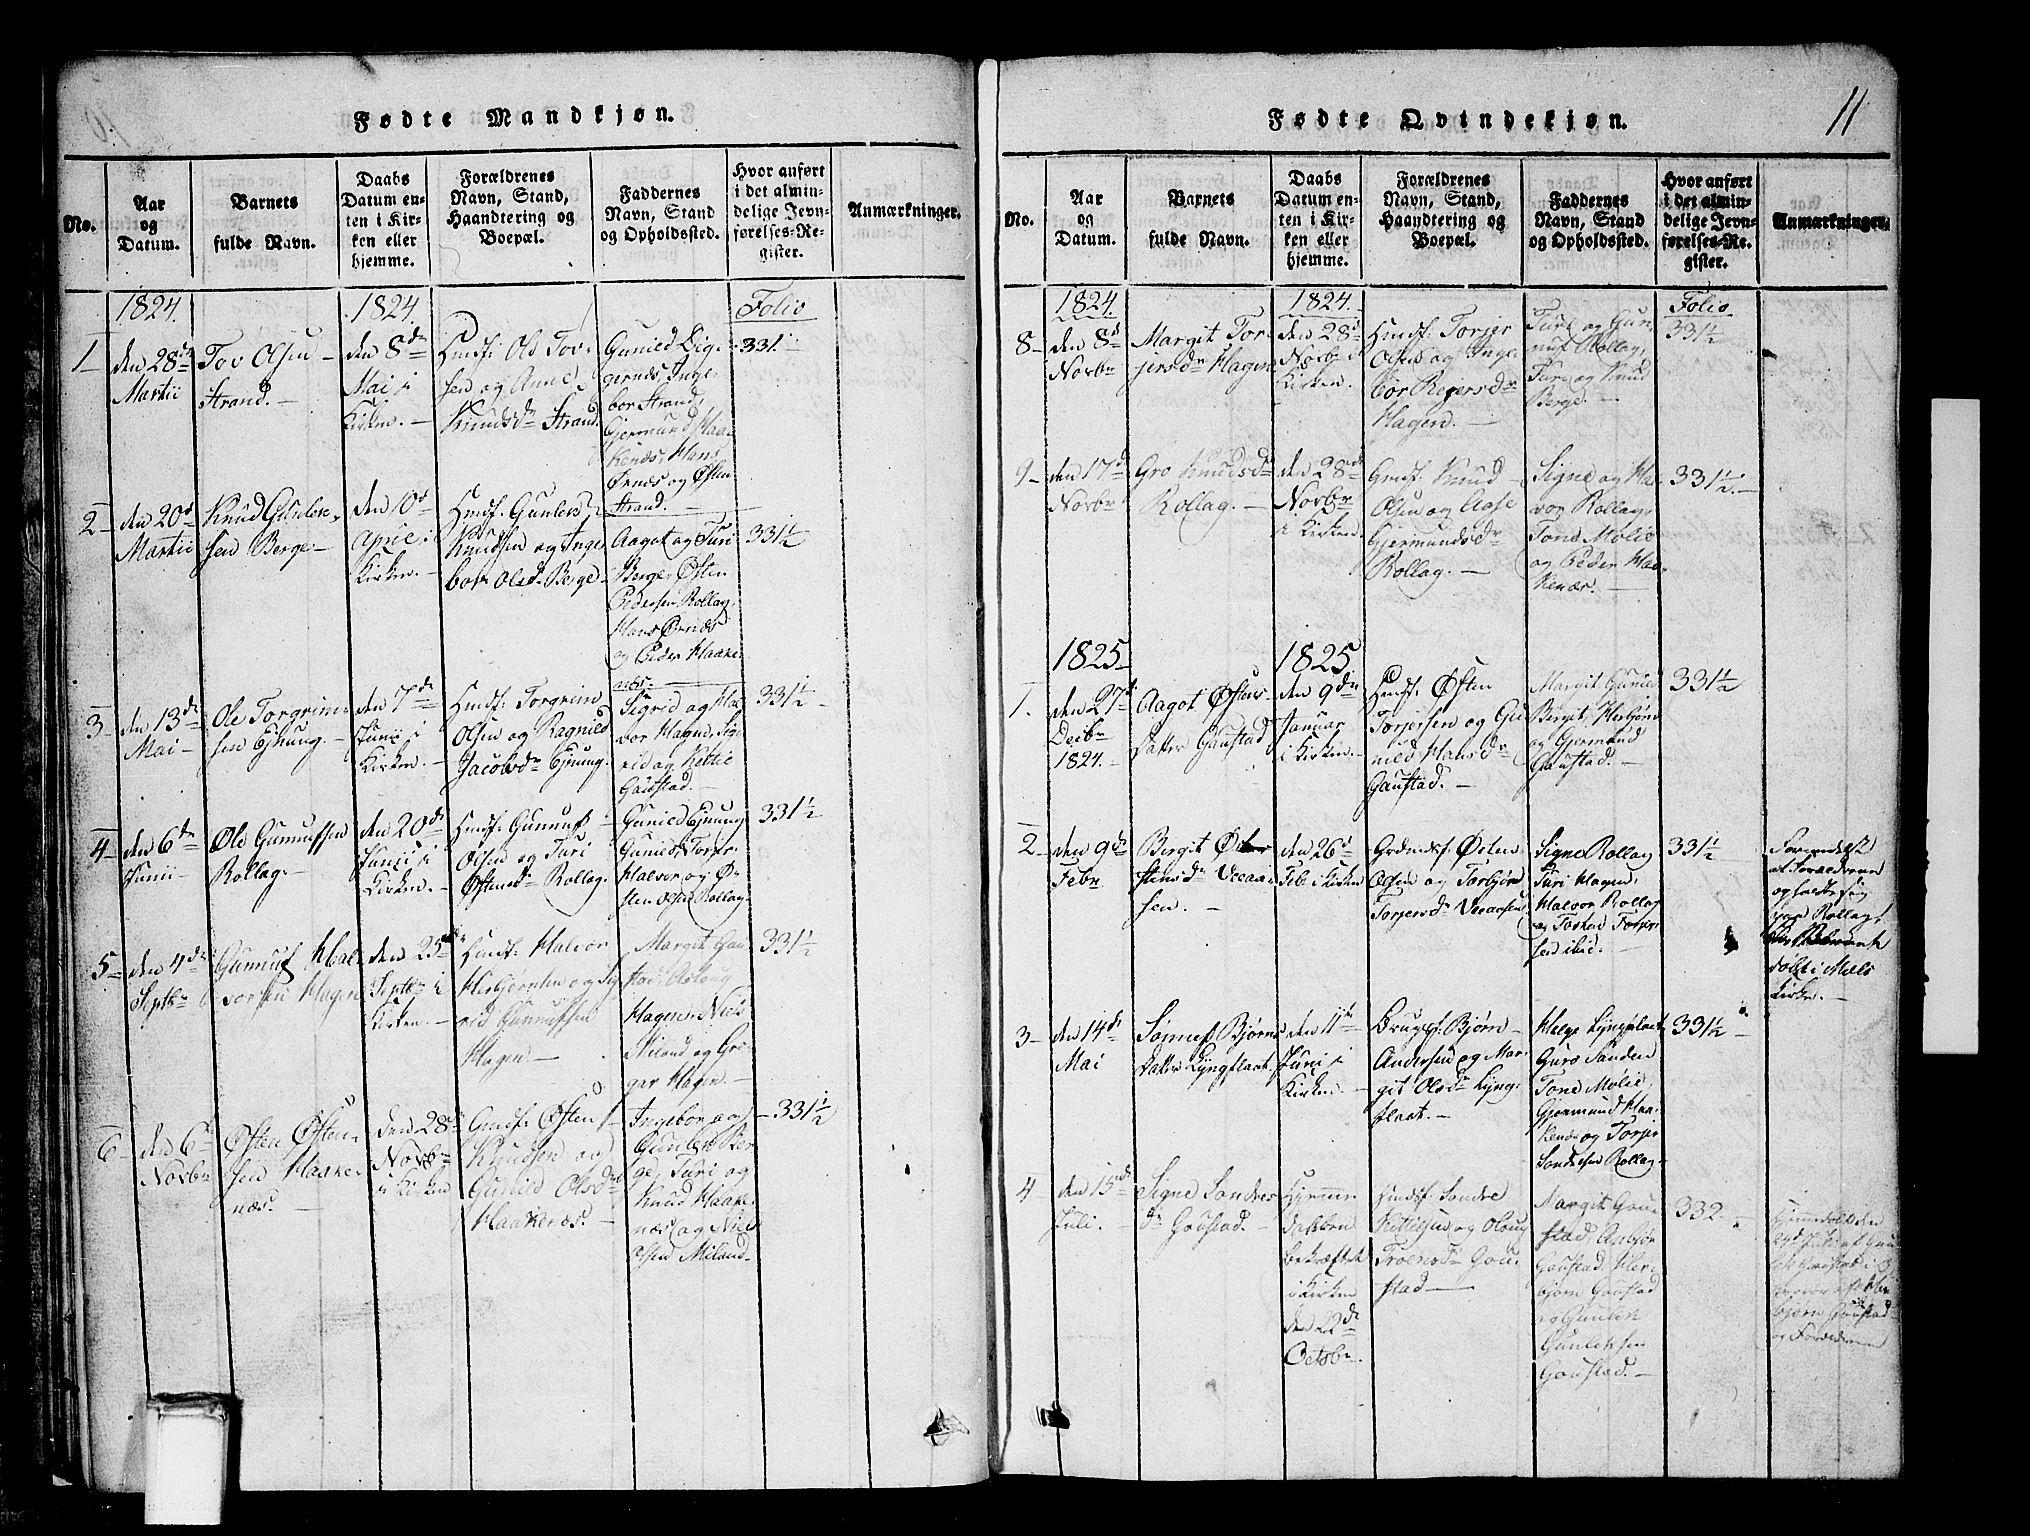 SAKO, Tinn kirkebøker, G/Gb/L0001: Klokkerbok nr. II 1 /1, 1815-1850, s. 11